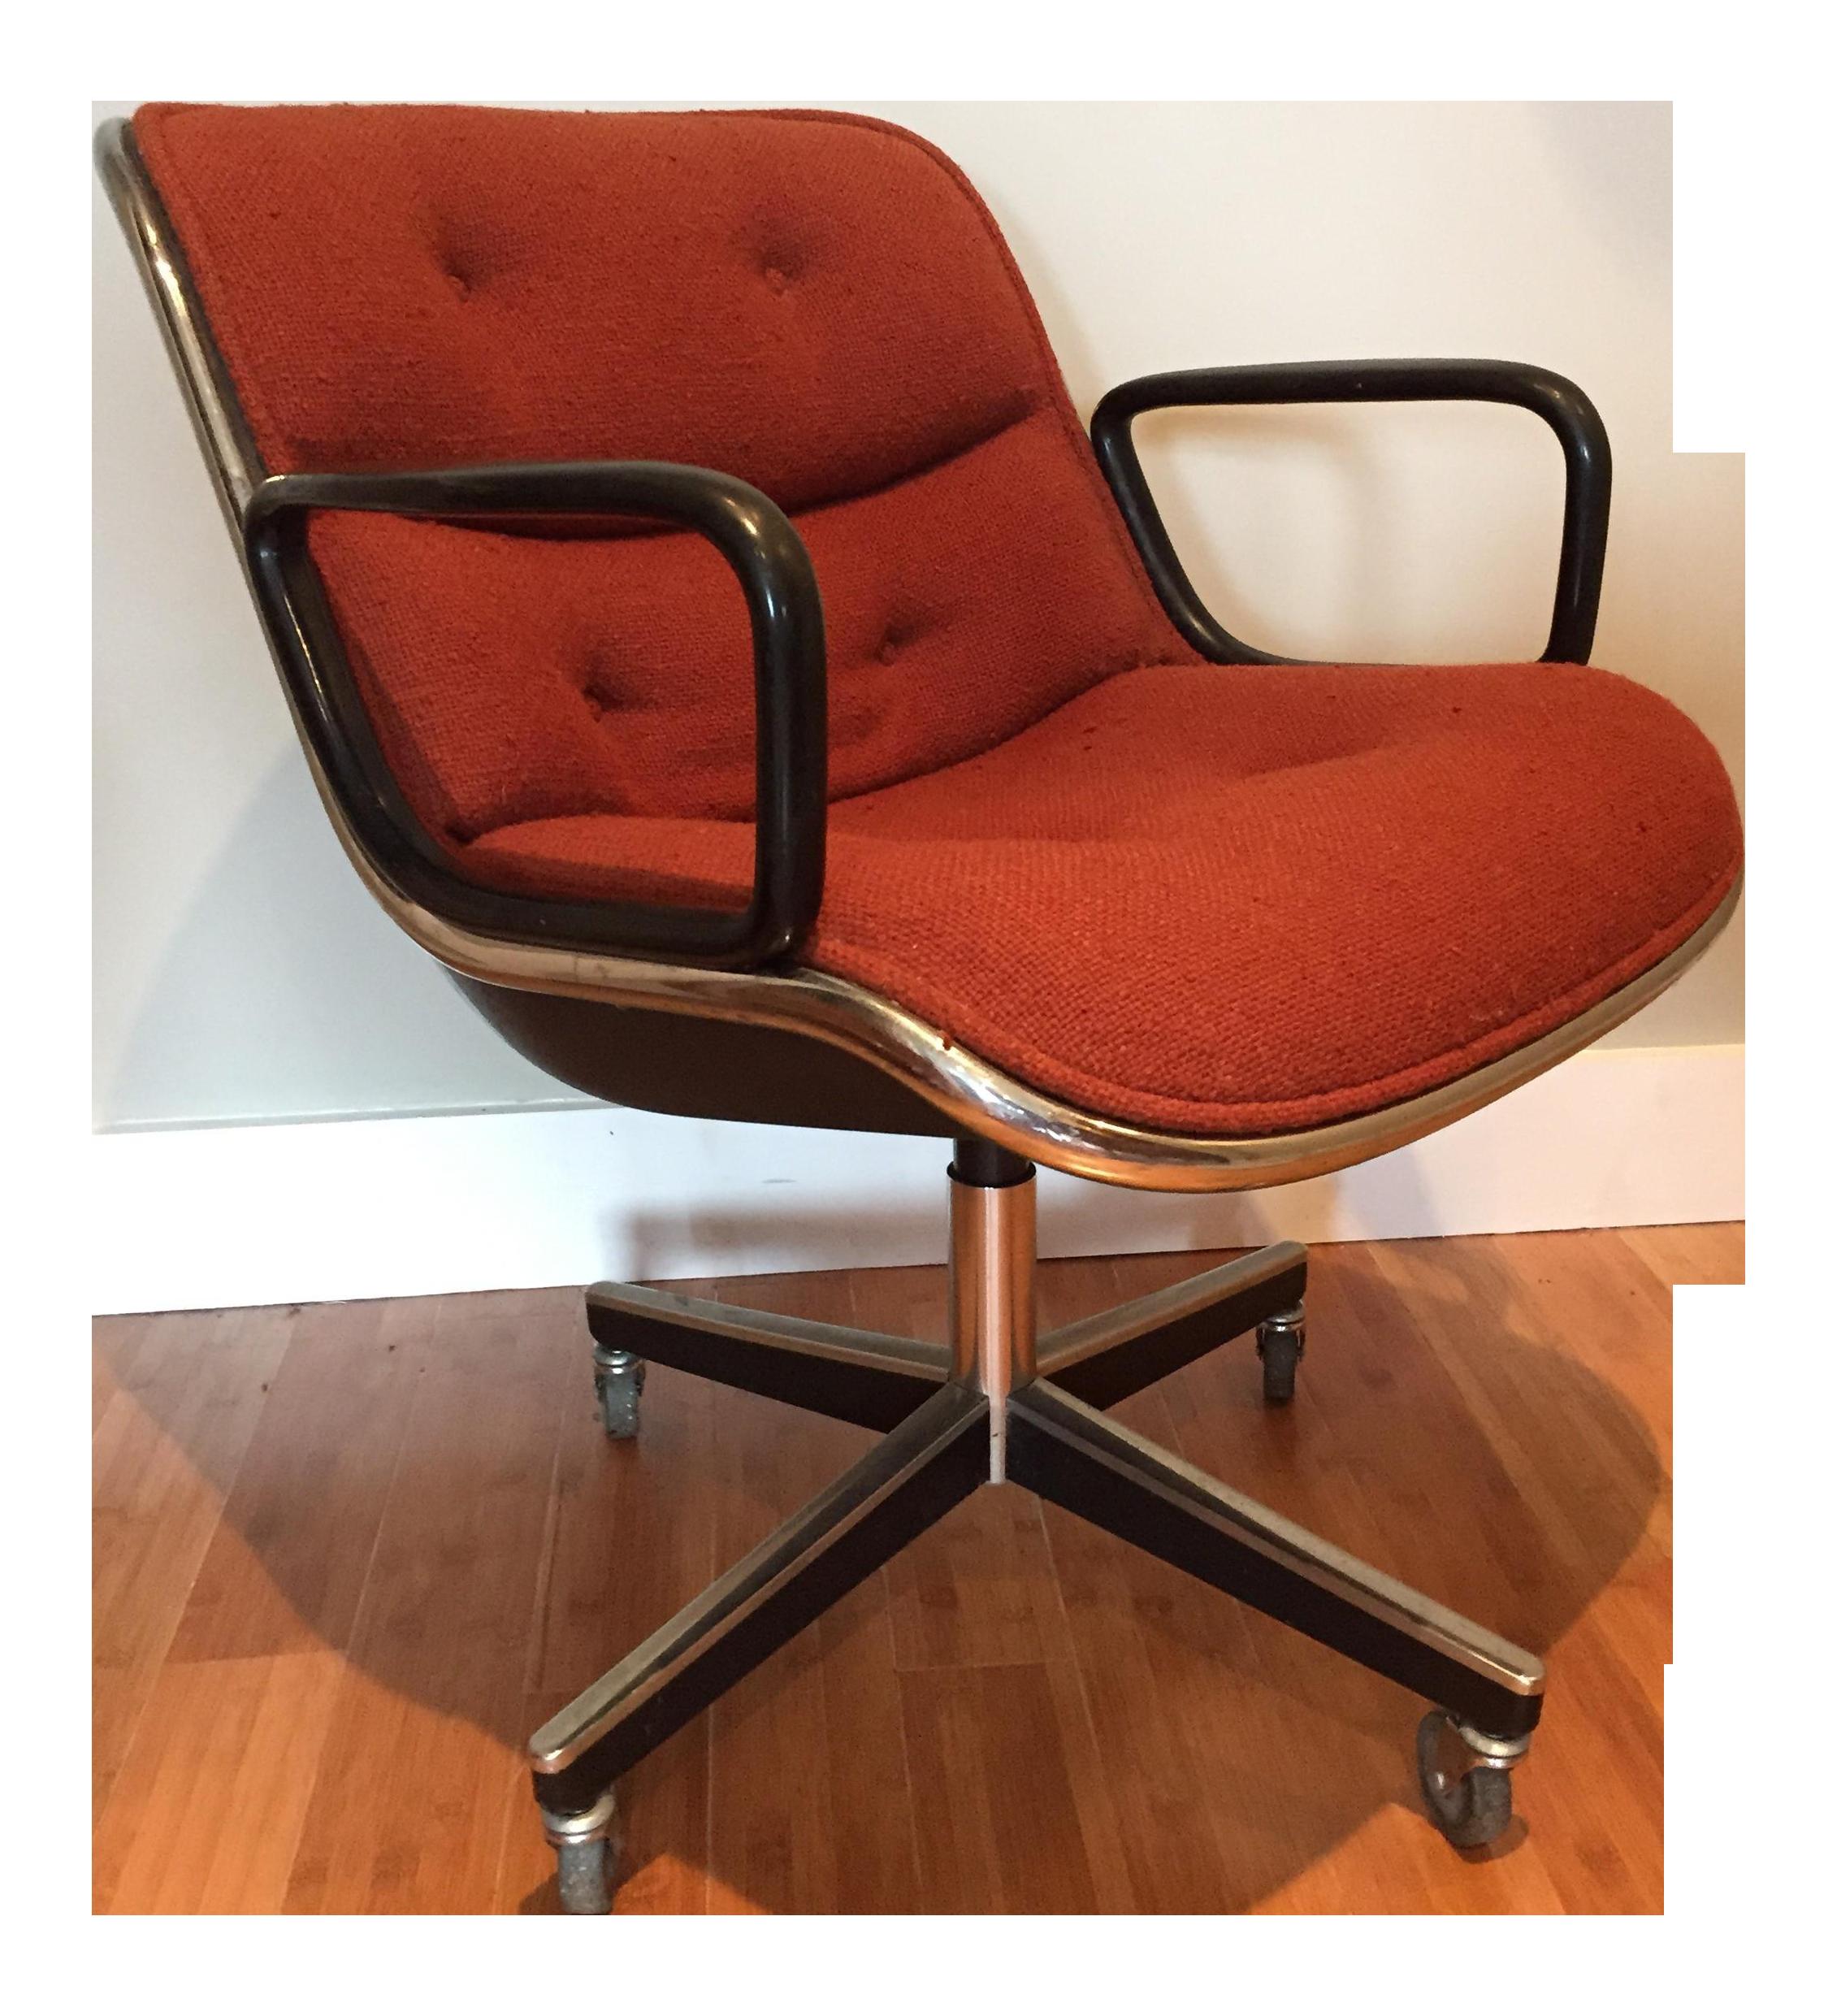 Vintage MidCentury Knoll Pollock ChairChairish